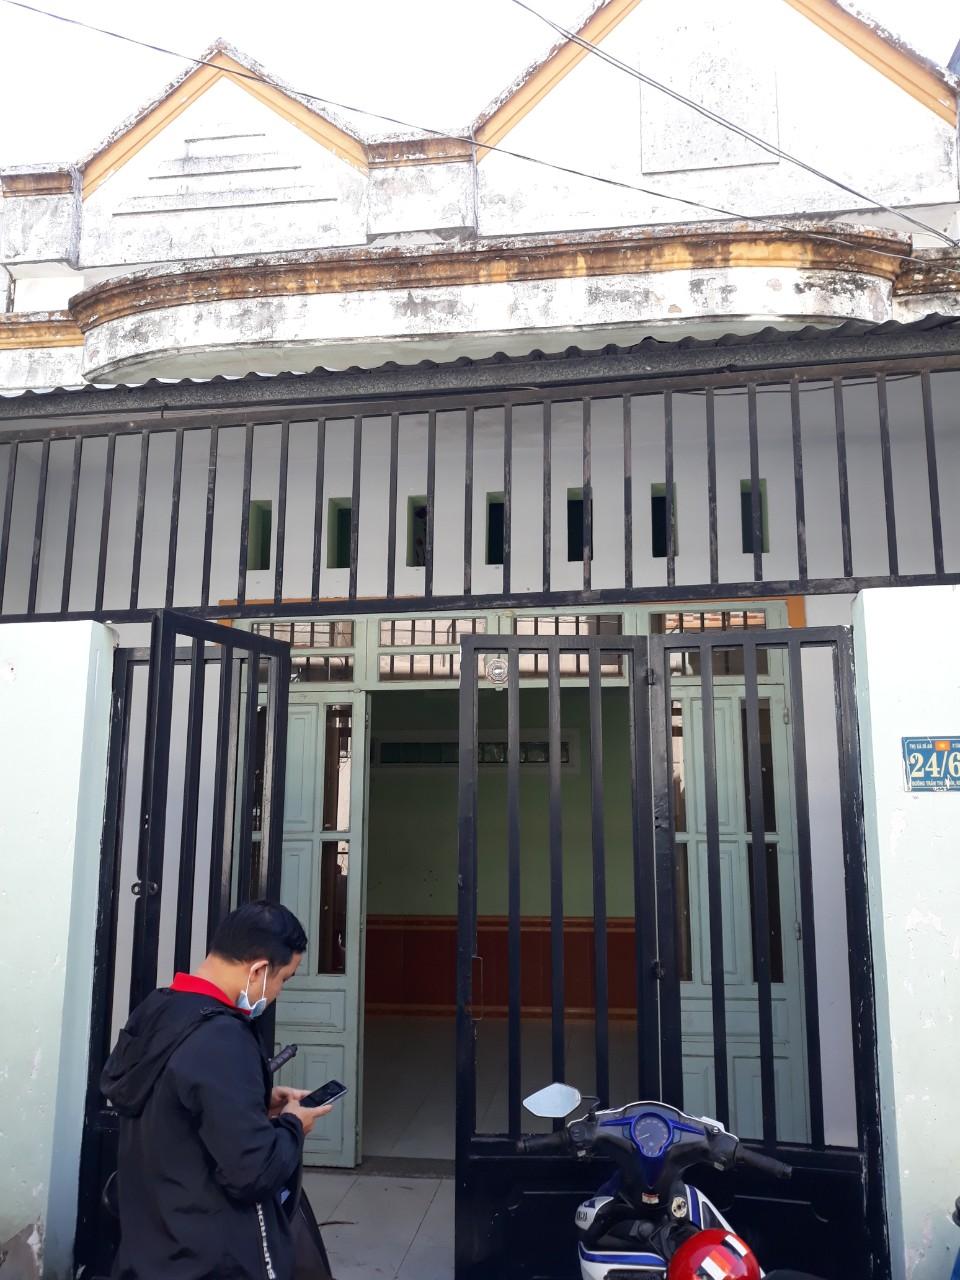 Bán nhà cấp 4,gác đúc giá rẻ đường Trần Thị Xanh,dĩ an,bình dương,69m,2.15 tỷ